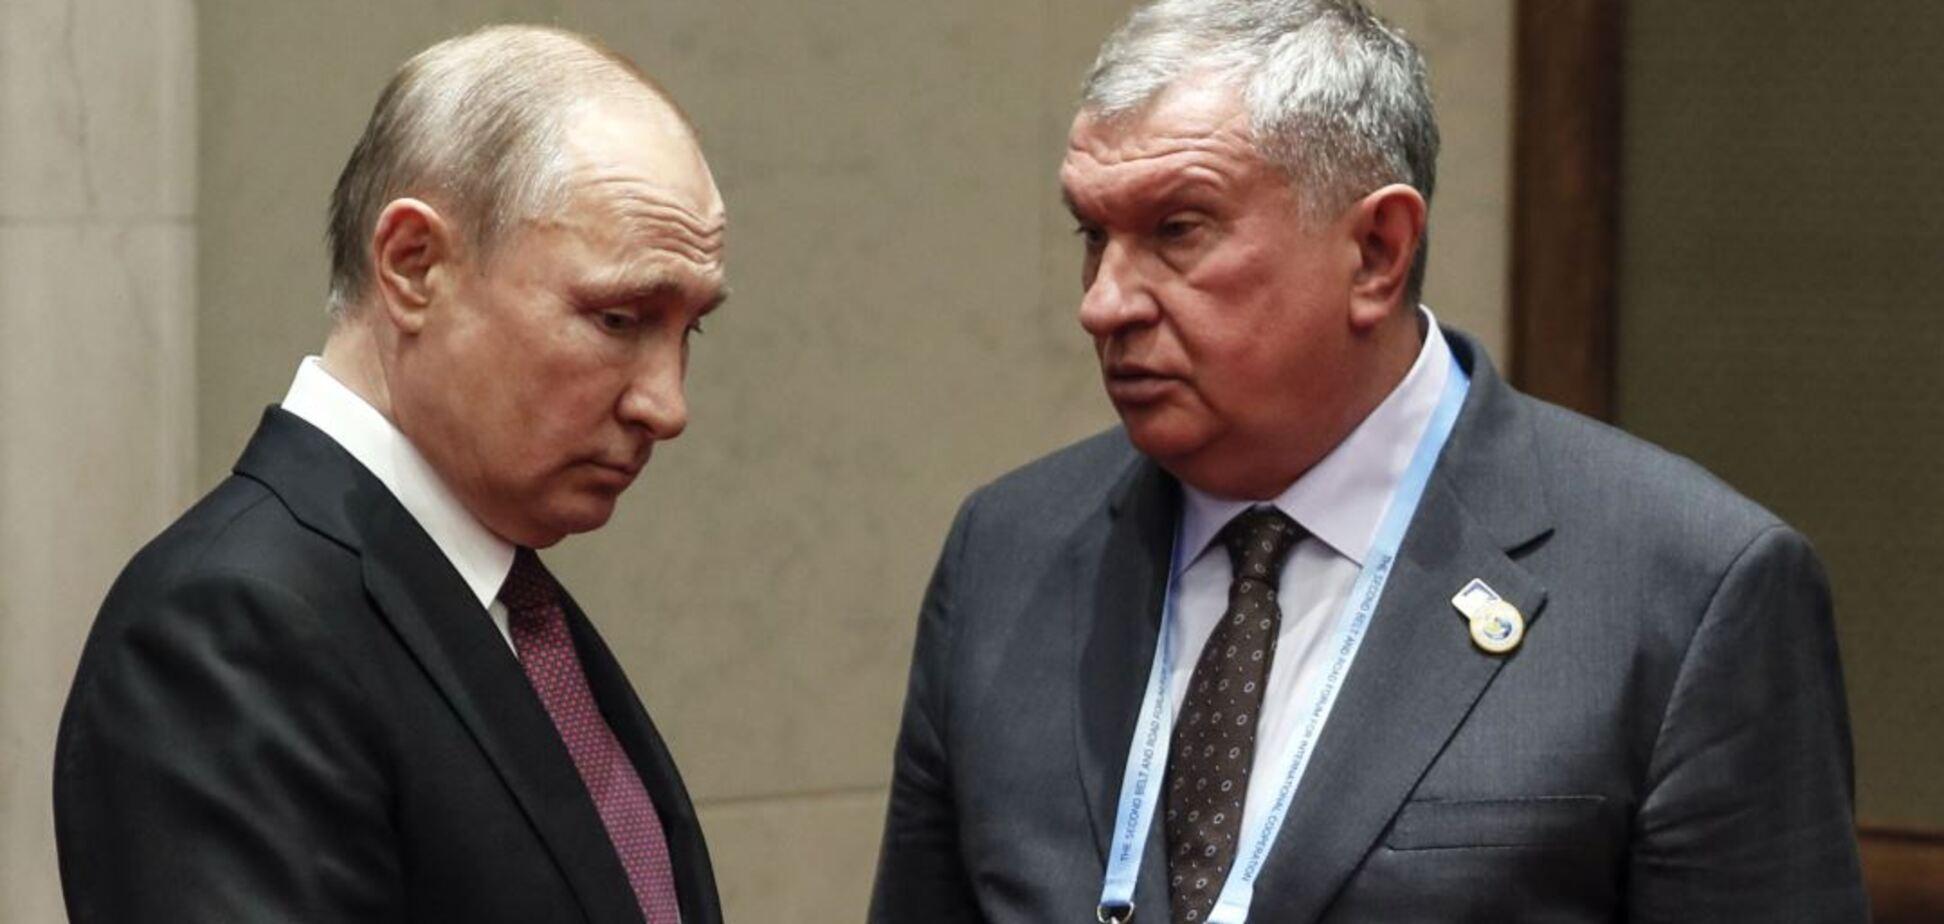 Сечин развязал нефтяную войну с Саудовской Аравией с позволения Путина – экономист